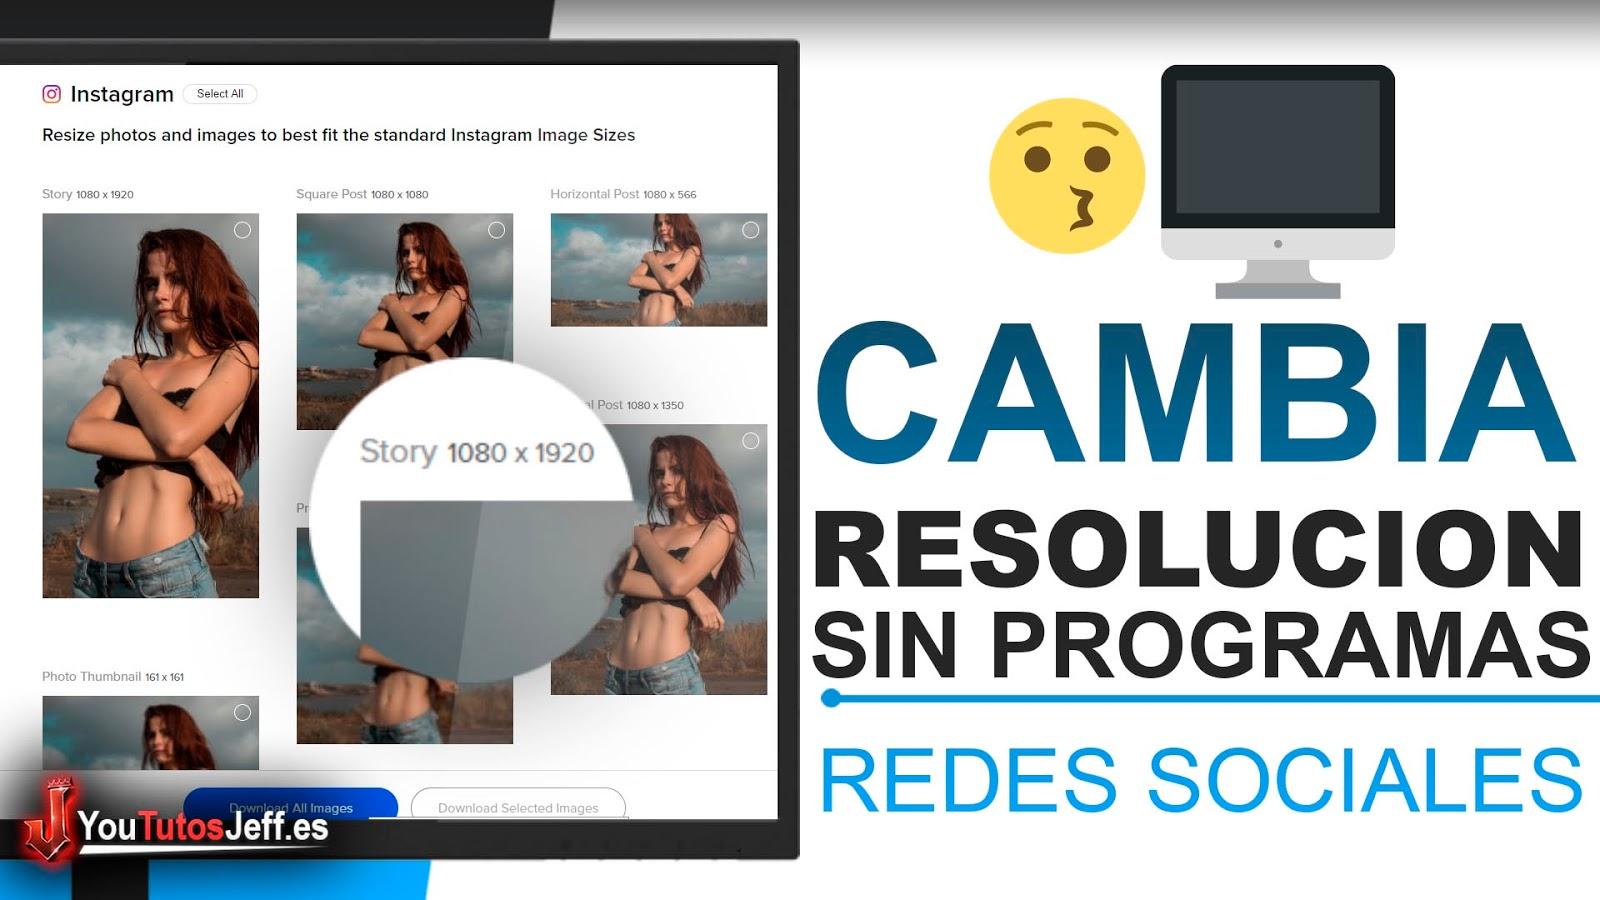 Redimensiona Imágenes Sin Programas, para Redes Sociales